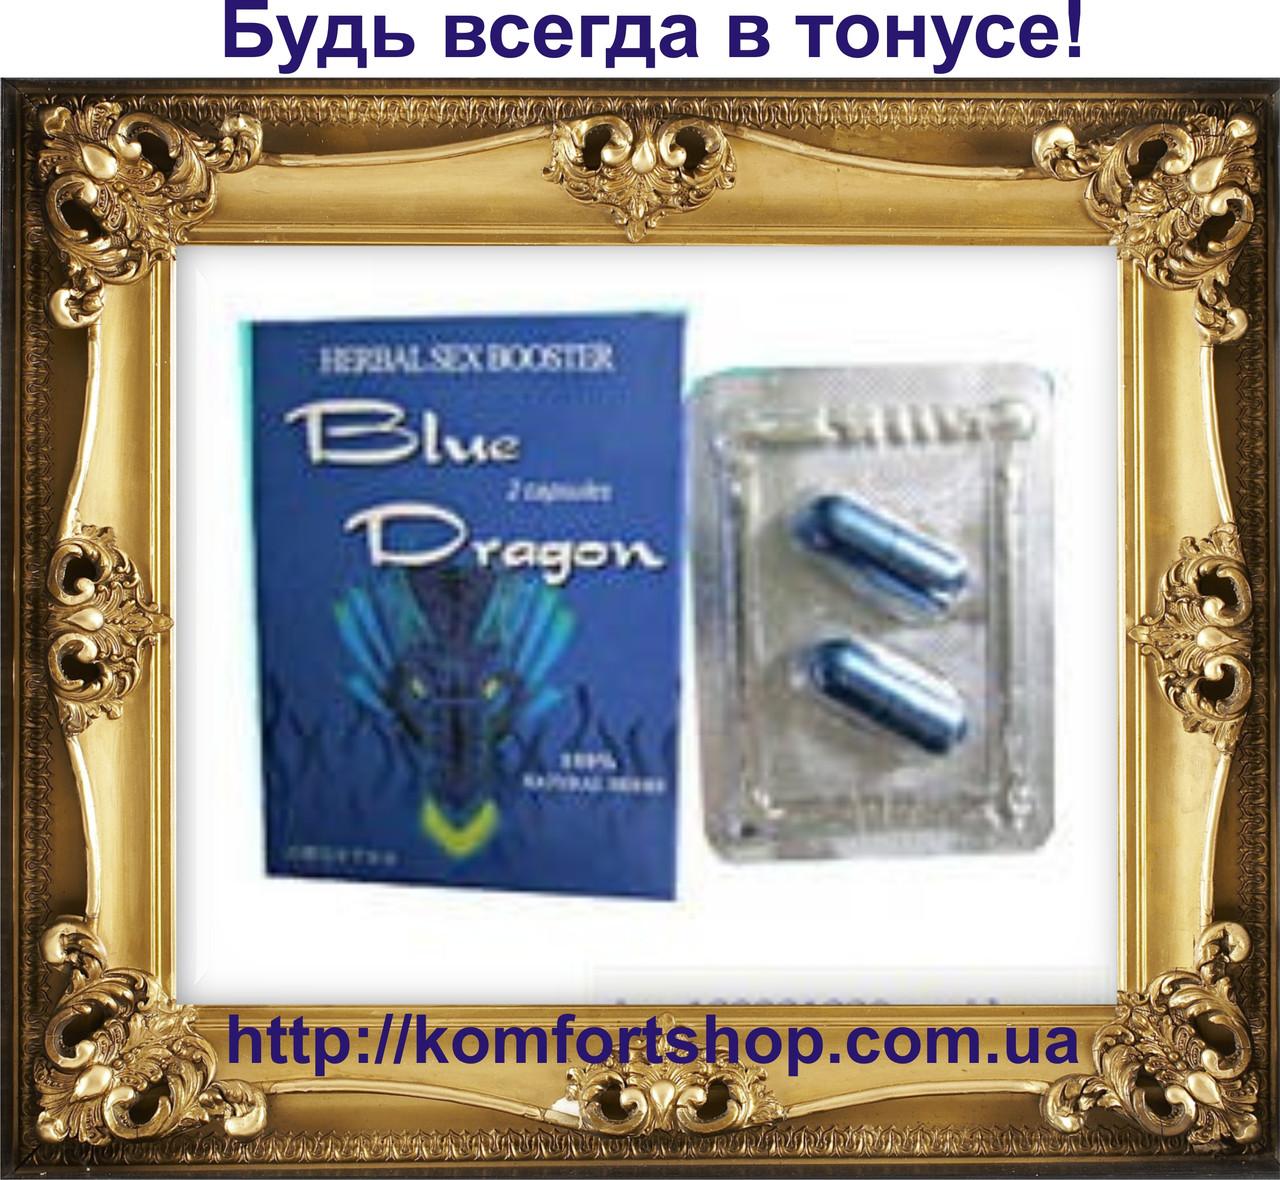 Sexe blue dragon pron clip